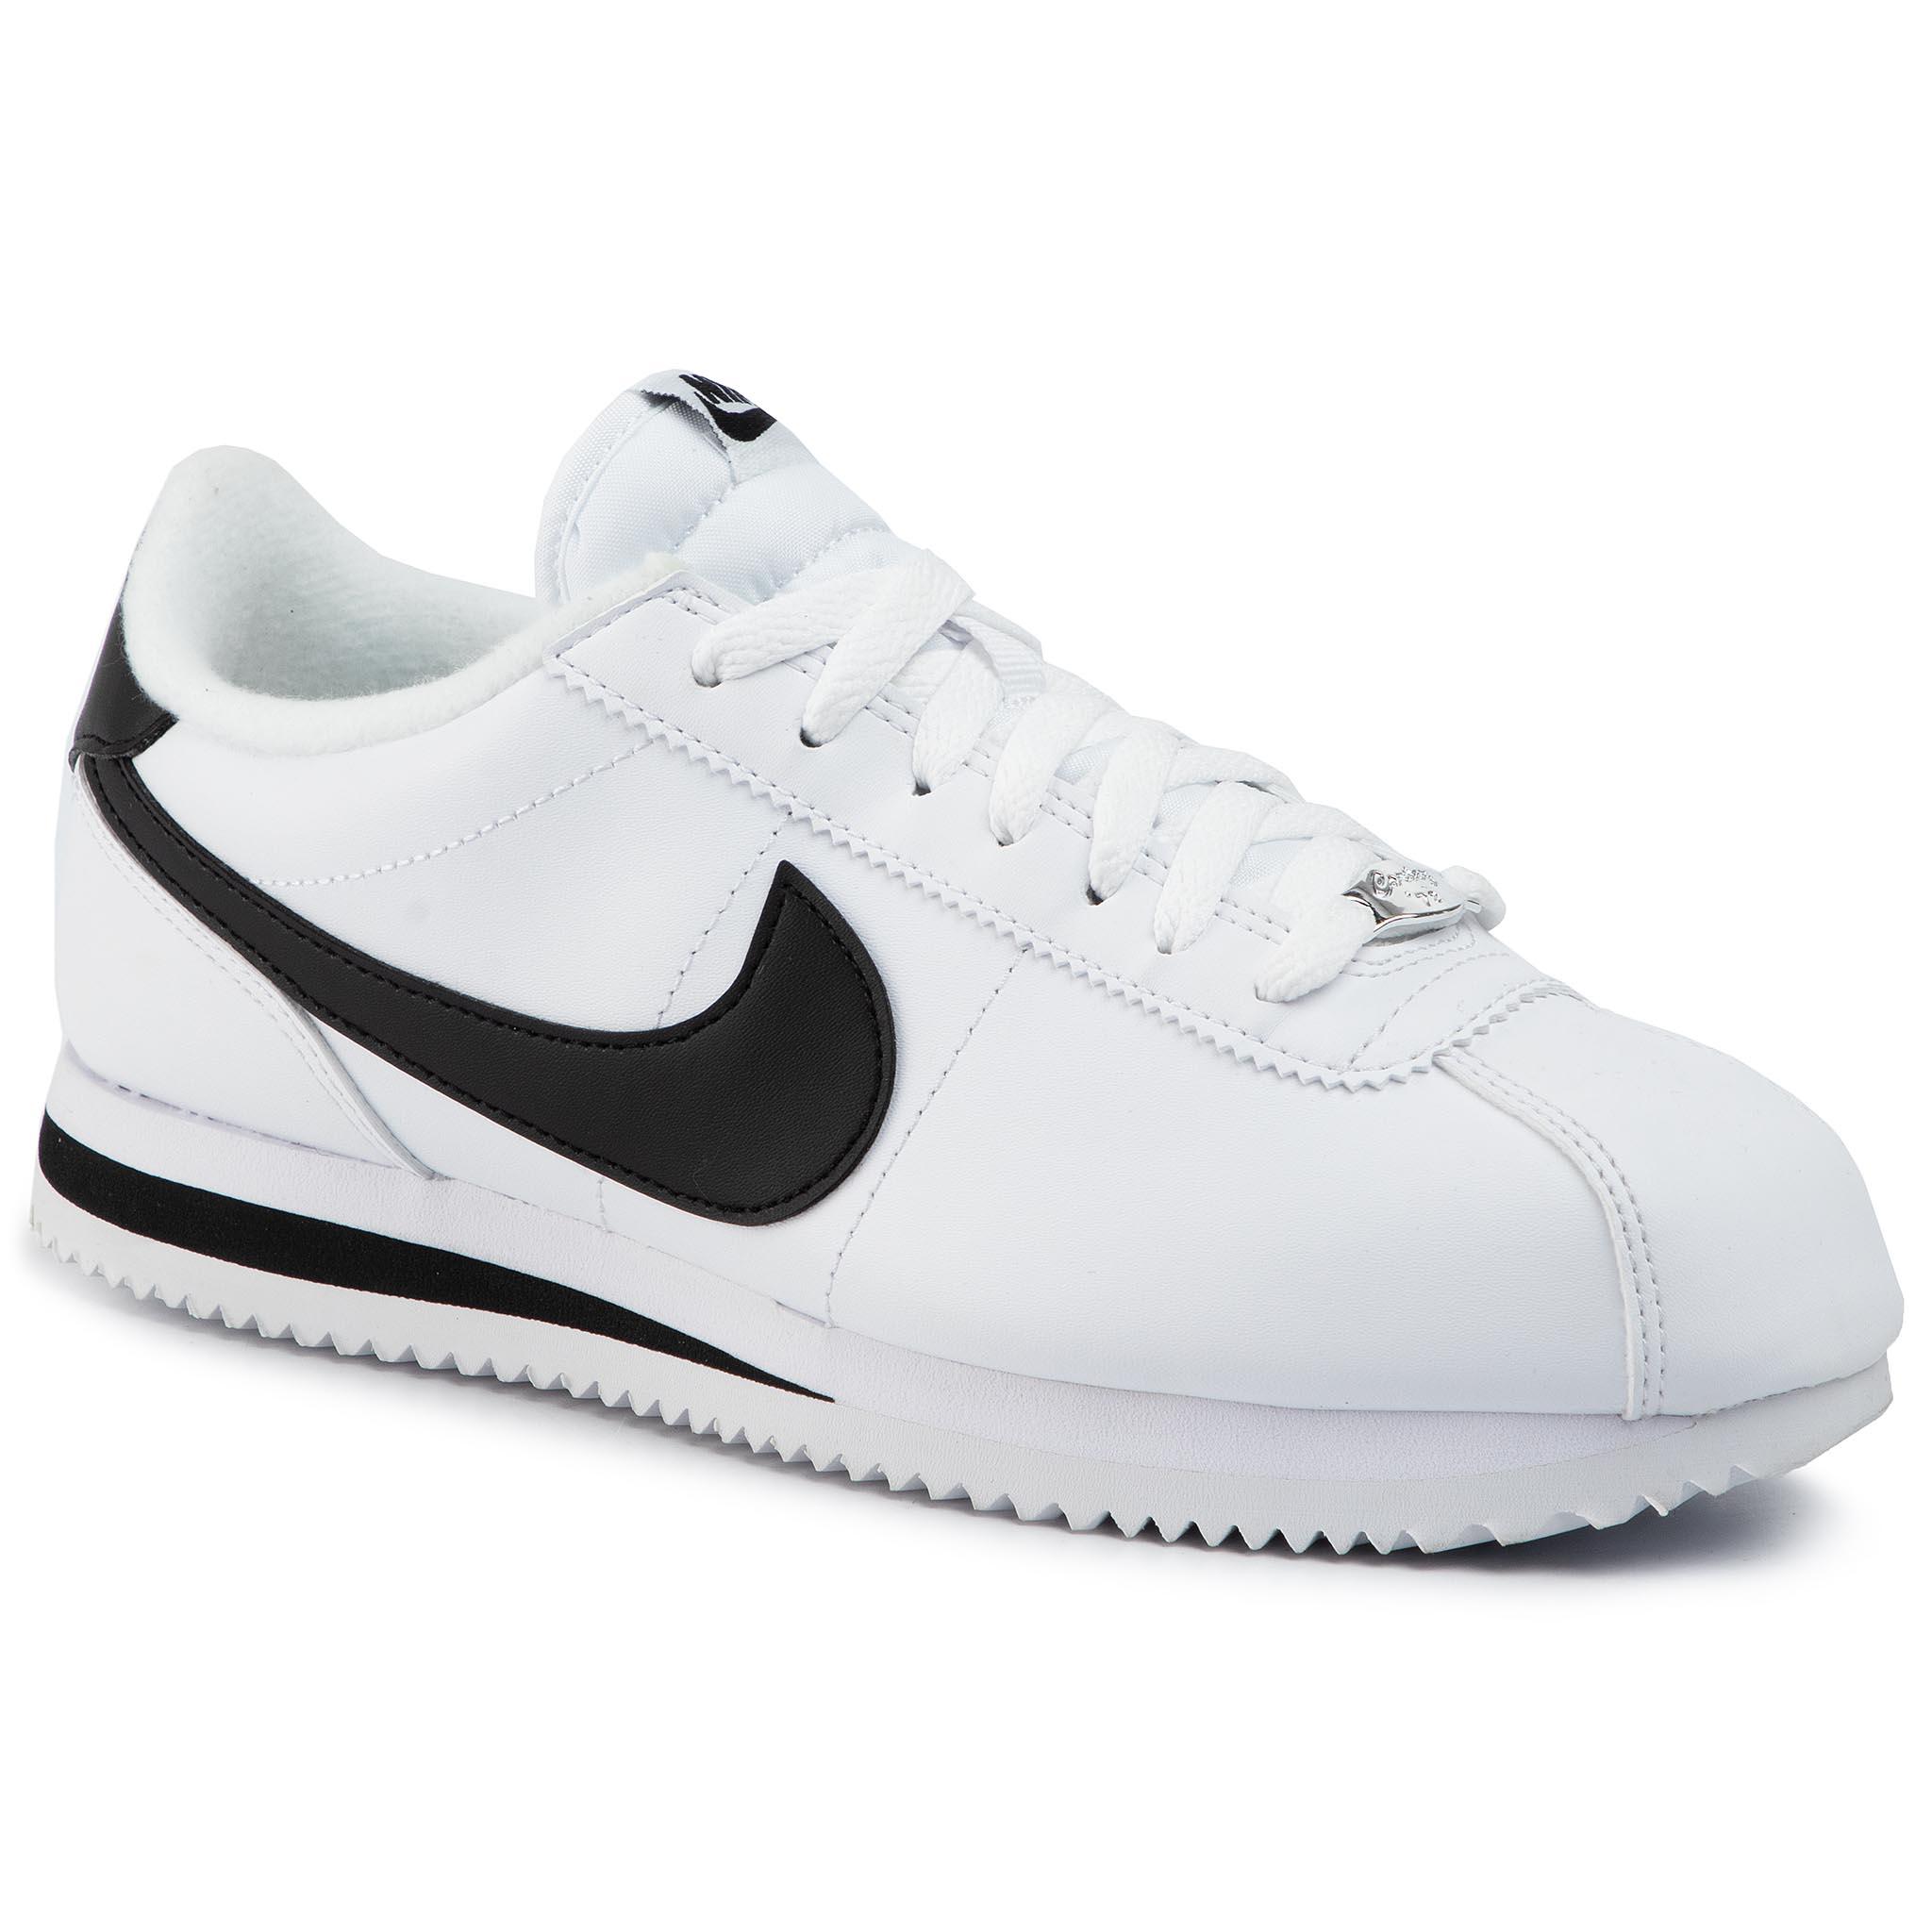 Cipő NIKE Cortez Basic Leather 819719 100 WhiteBlackMetallic Silver